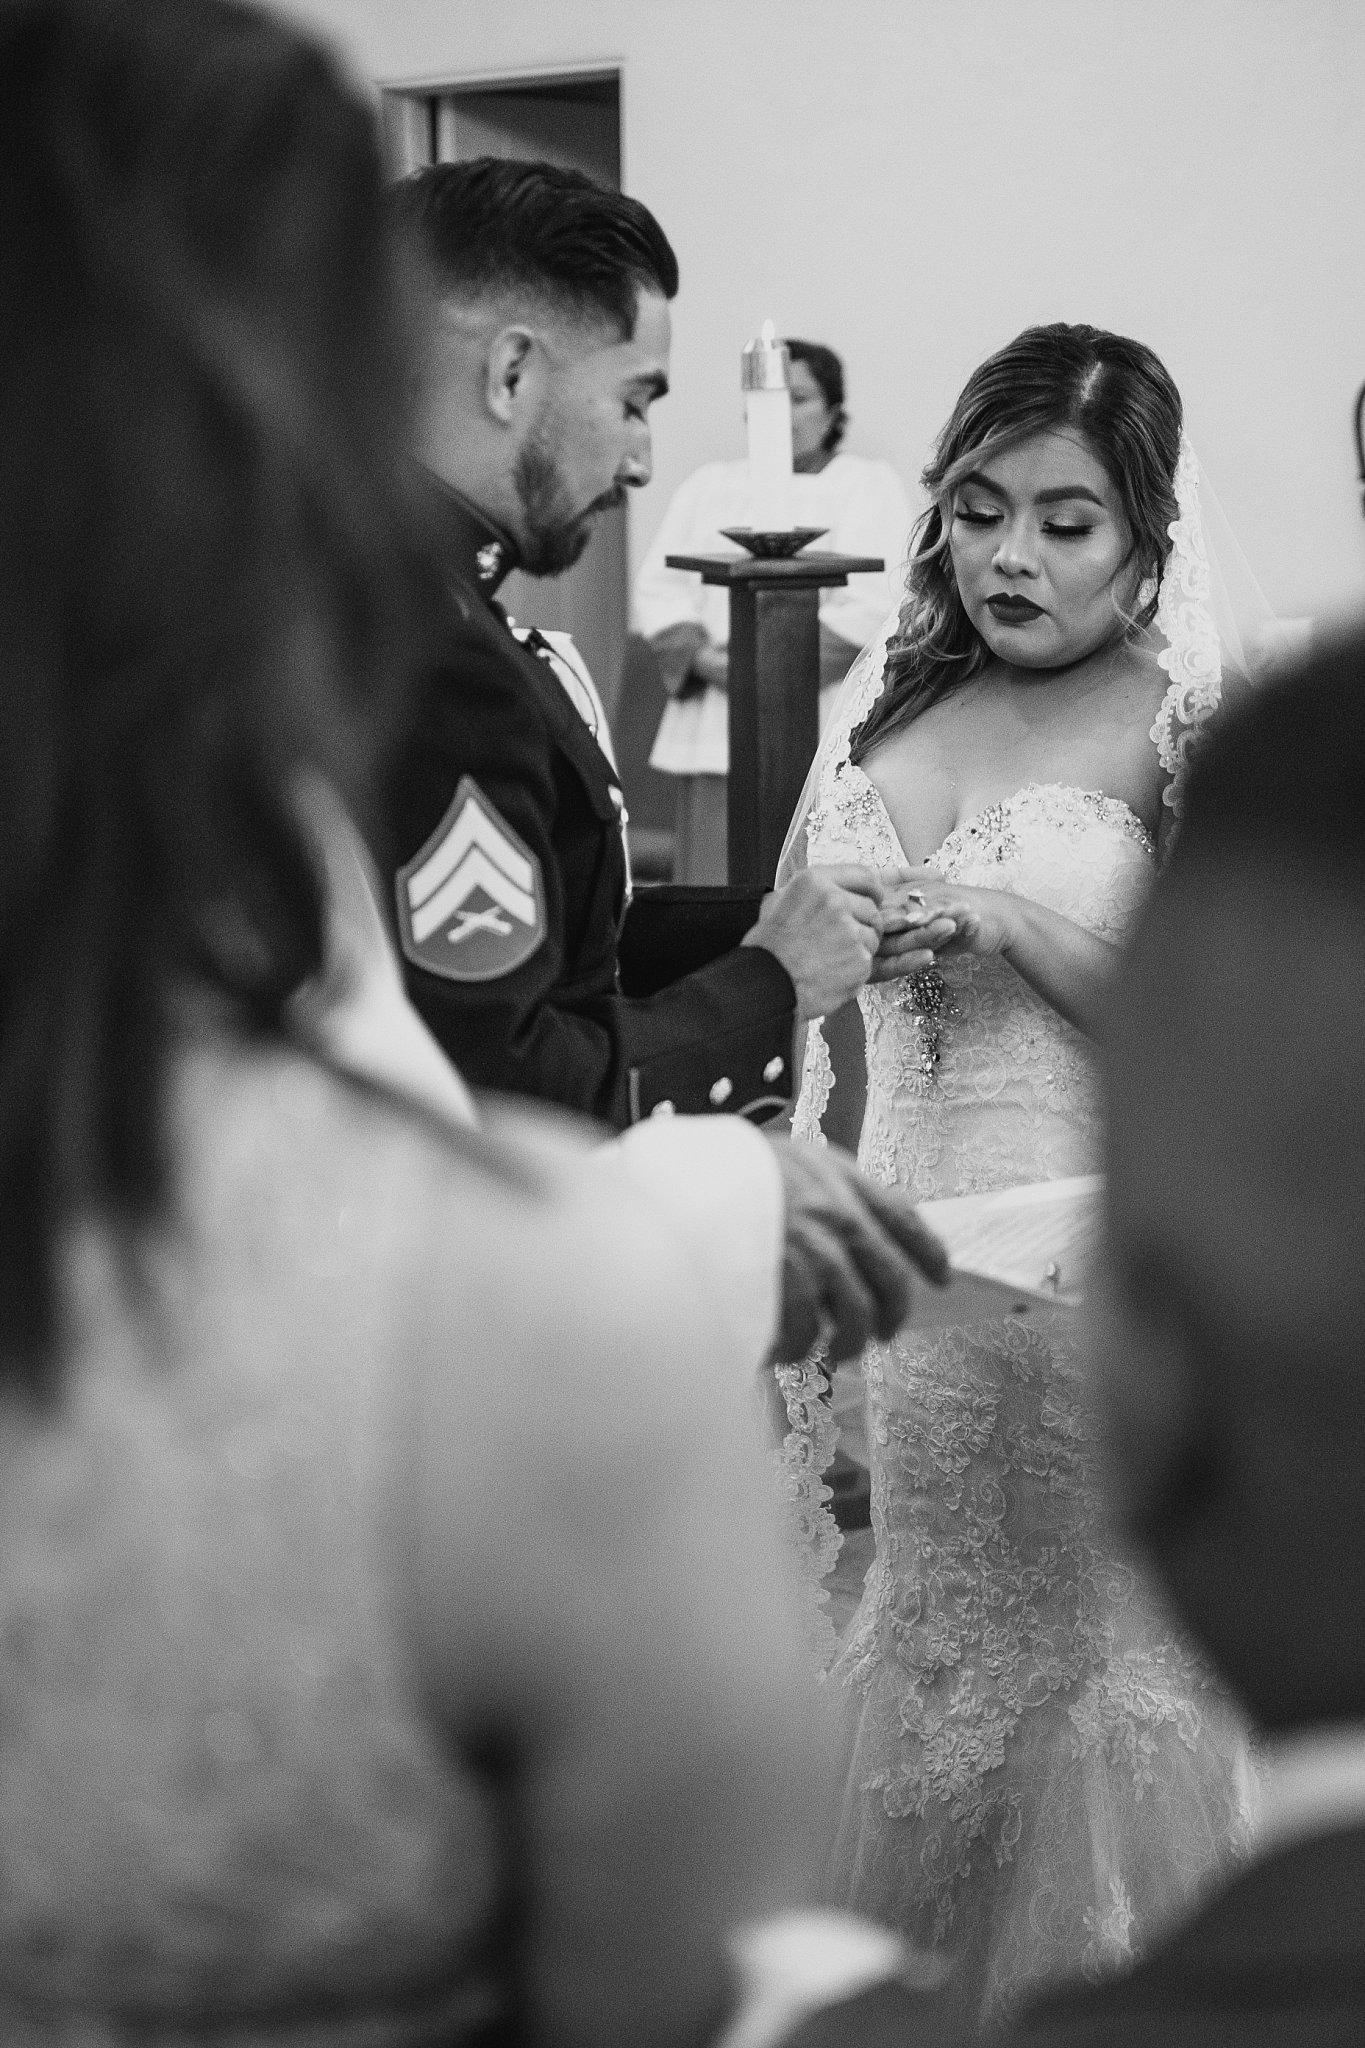 monterey-wedding-photographer-drew-zavala-john-yanderi-169.jpg